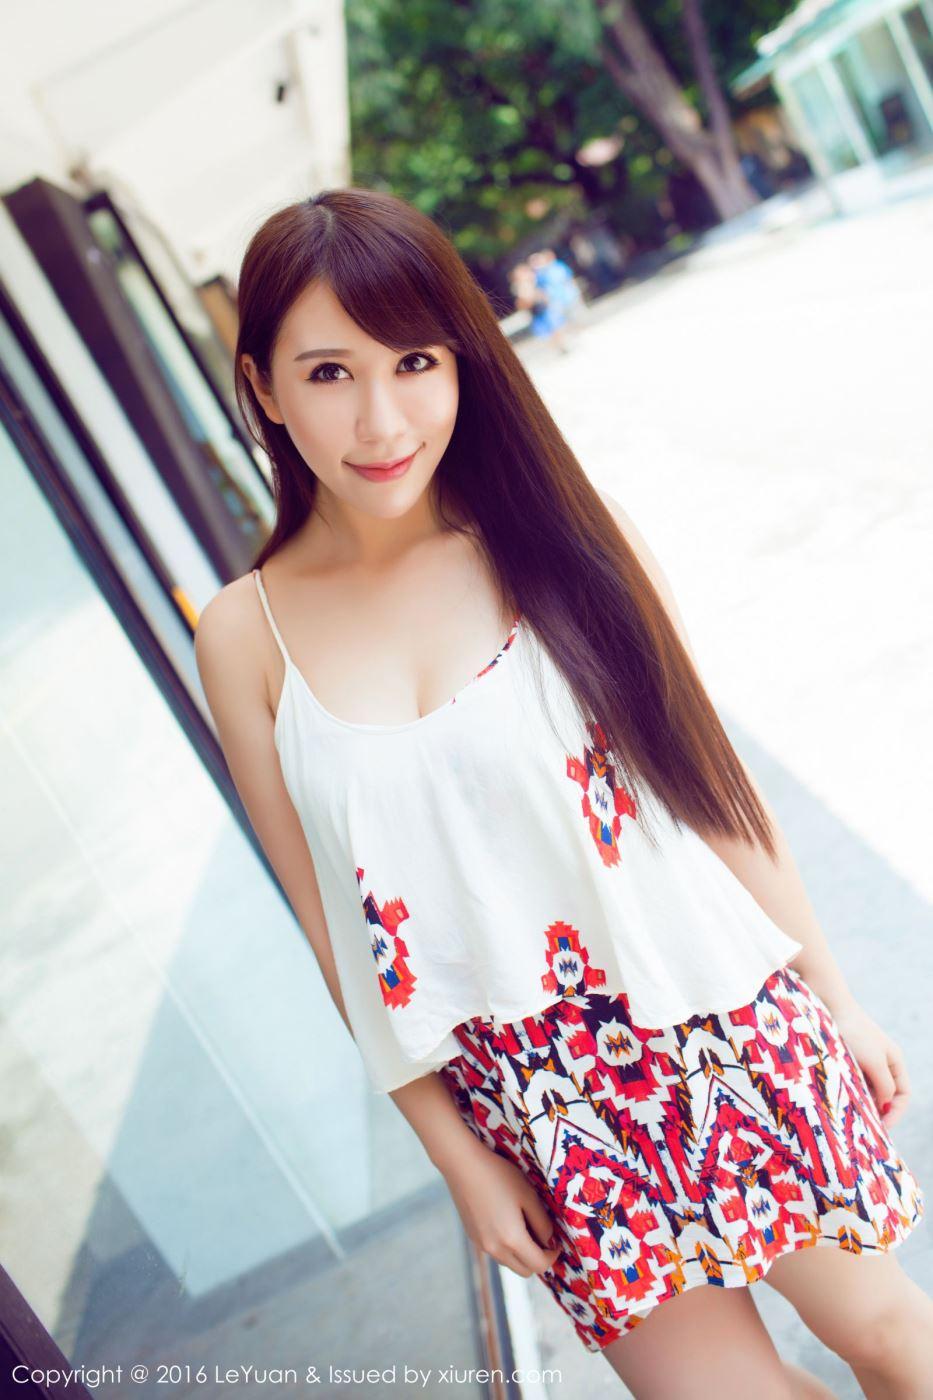 气质清纯美女模特艾惟时尚大气街拍摄影写真图片